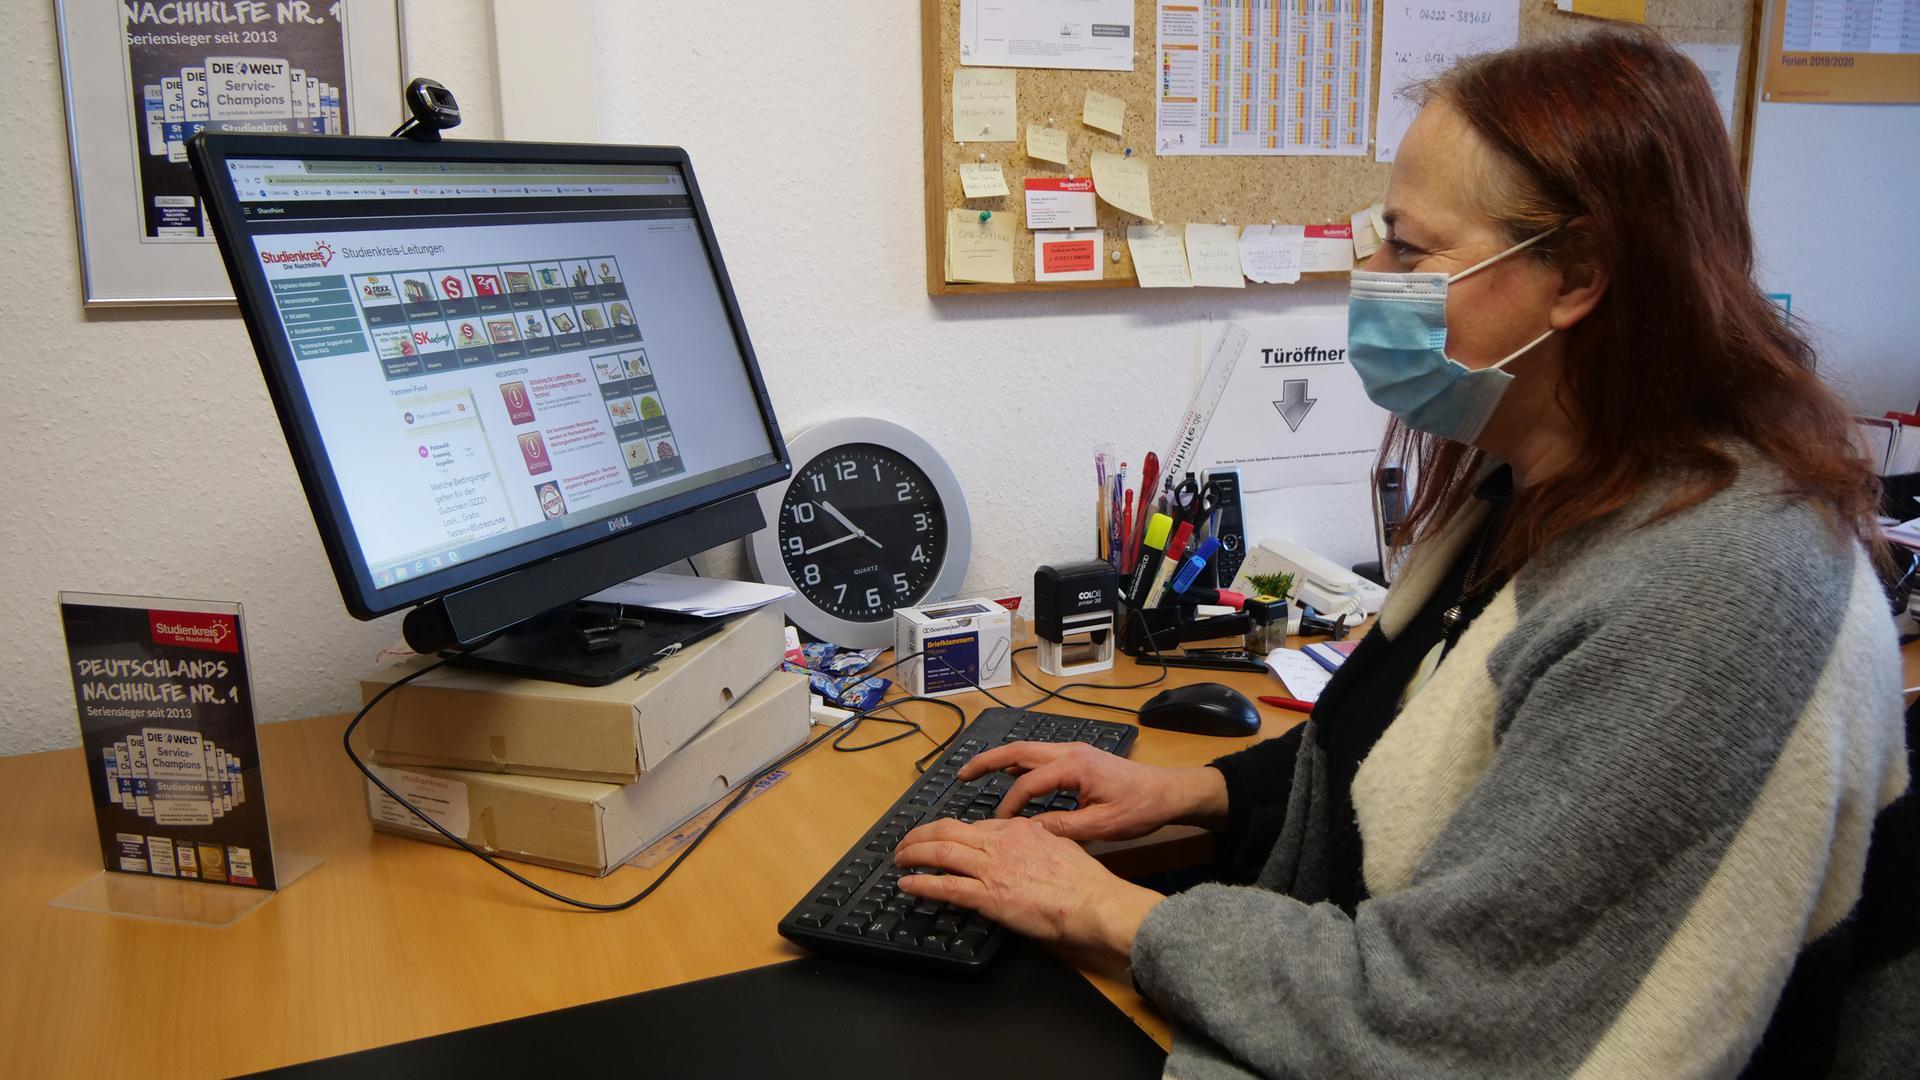 Eine Frau sitzt vor dem Computer